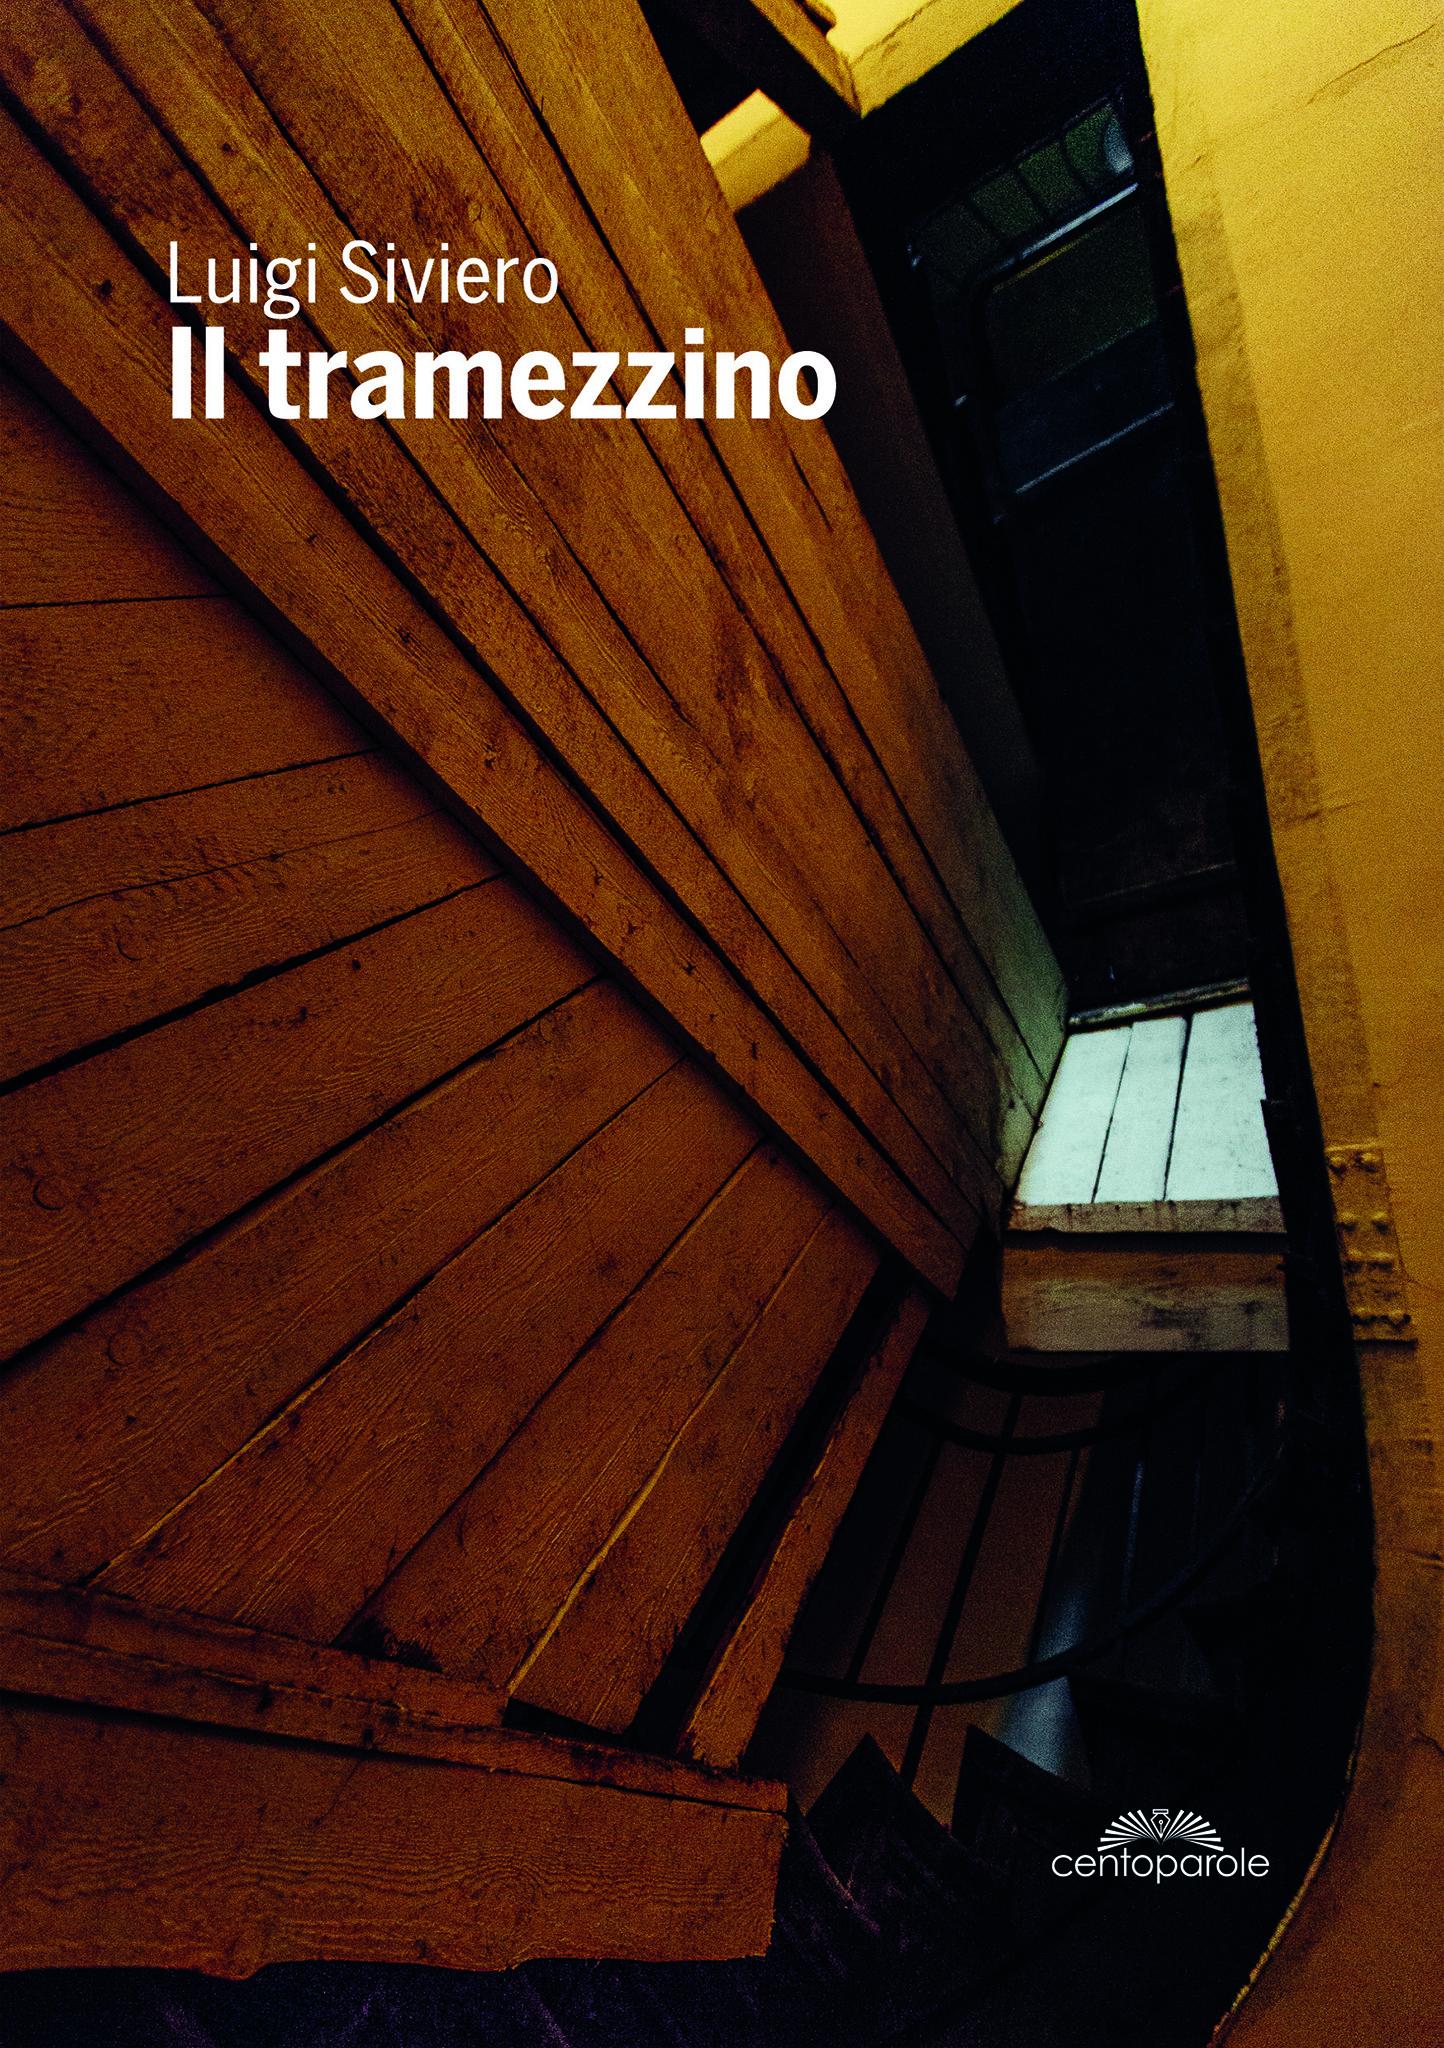 COPERTINA_iltramezzino_FRONTE.jpg